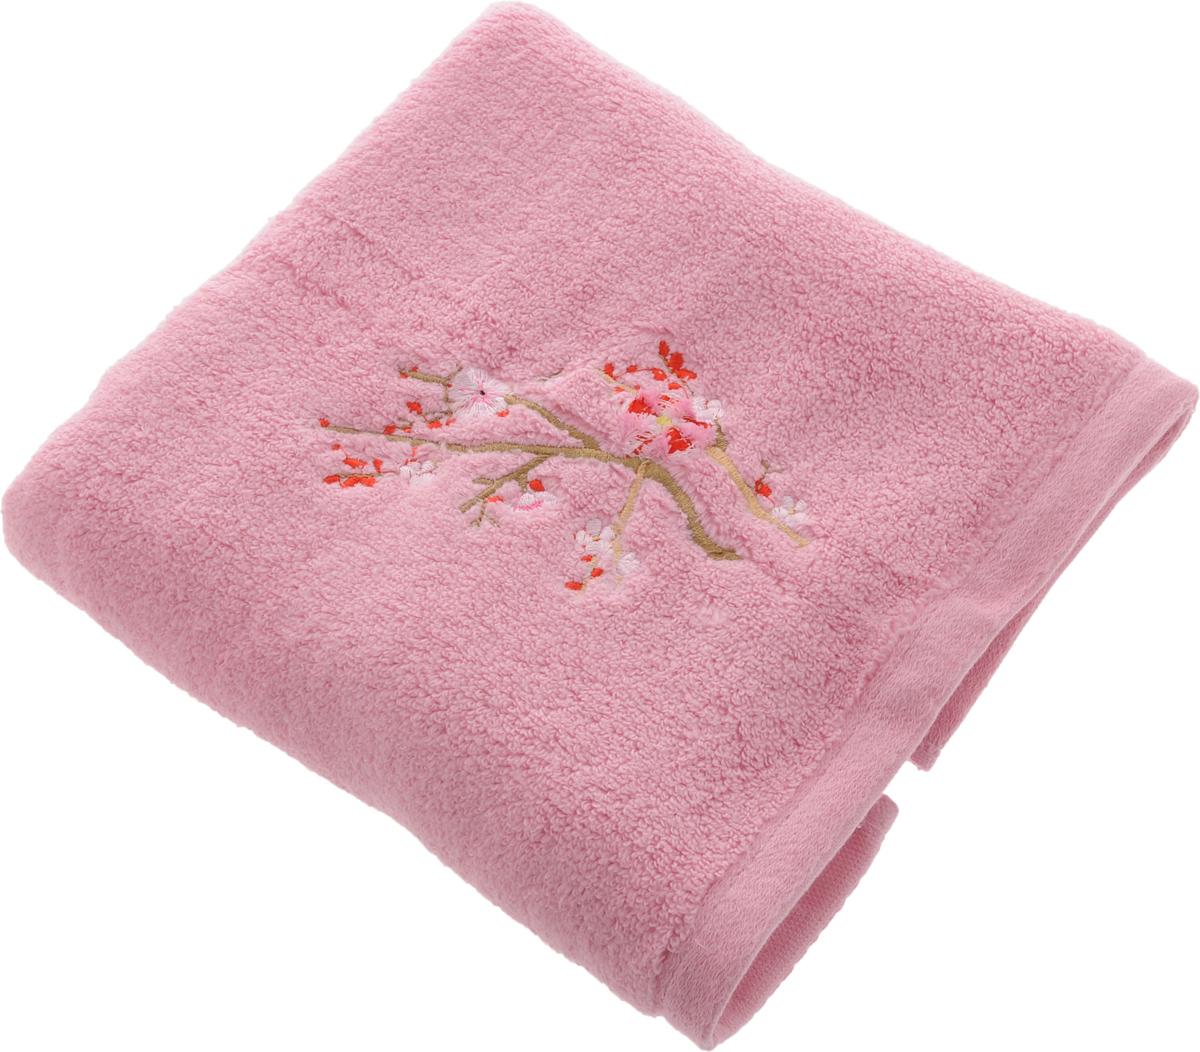 Полотенце Soavita Spring, цвет: розовый, 50 х 90 см63983Полотенце Soavita Spring выполнено из 100% хлопка. Изделие отлично впитывает влагу, быстро сохнет, сохраняет яркость цвета и не теряет форму даже после многократных стирок. Полотенце очень практично и неприхотливо в уходе. Оно создаст прекрасное настроение и украсит интерьер в ванной комнате.